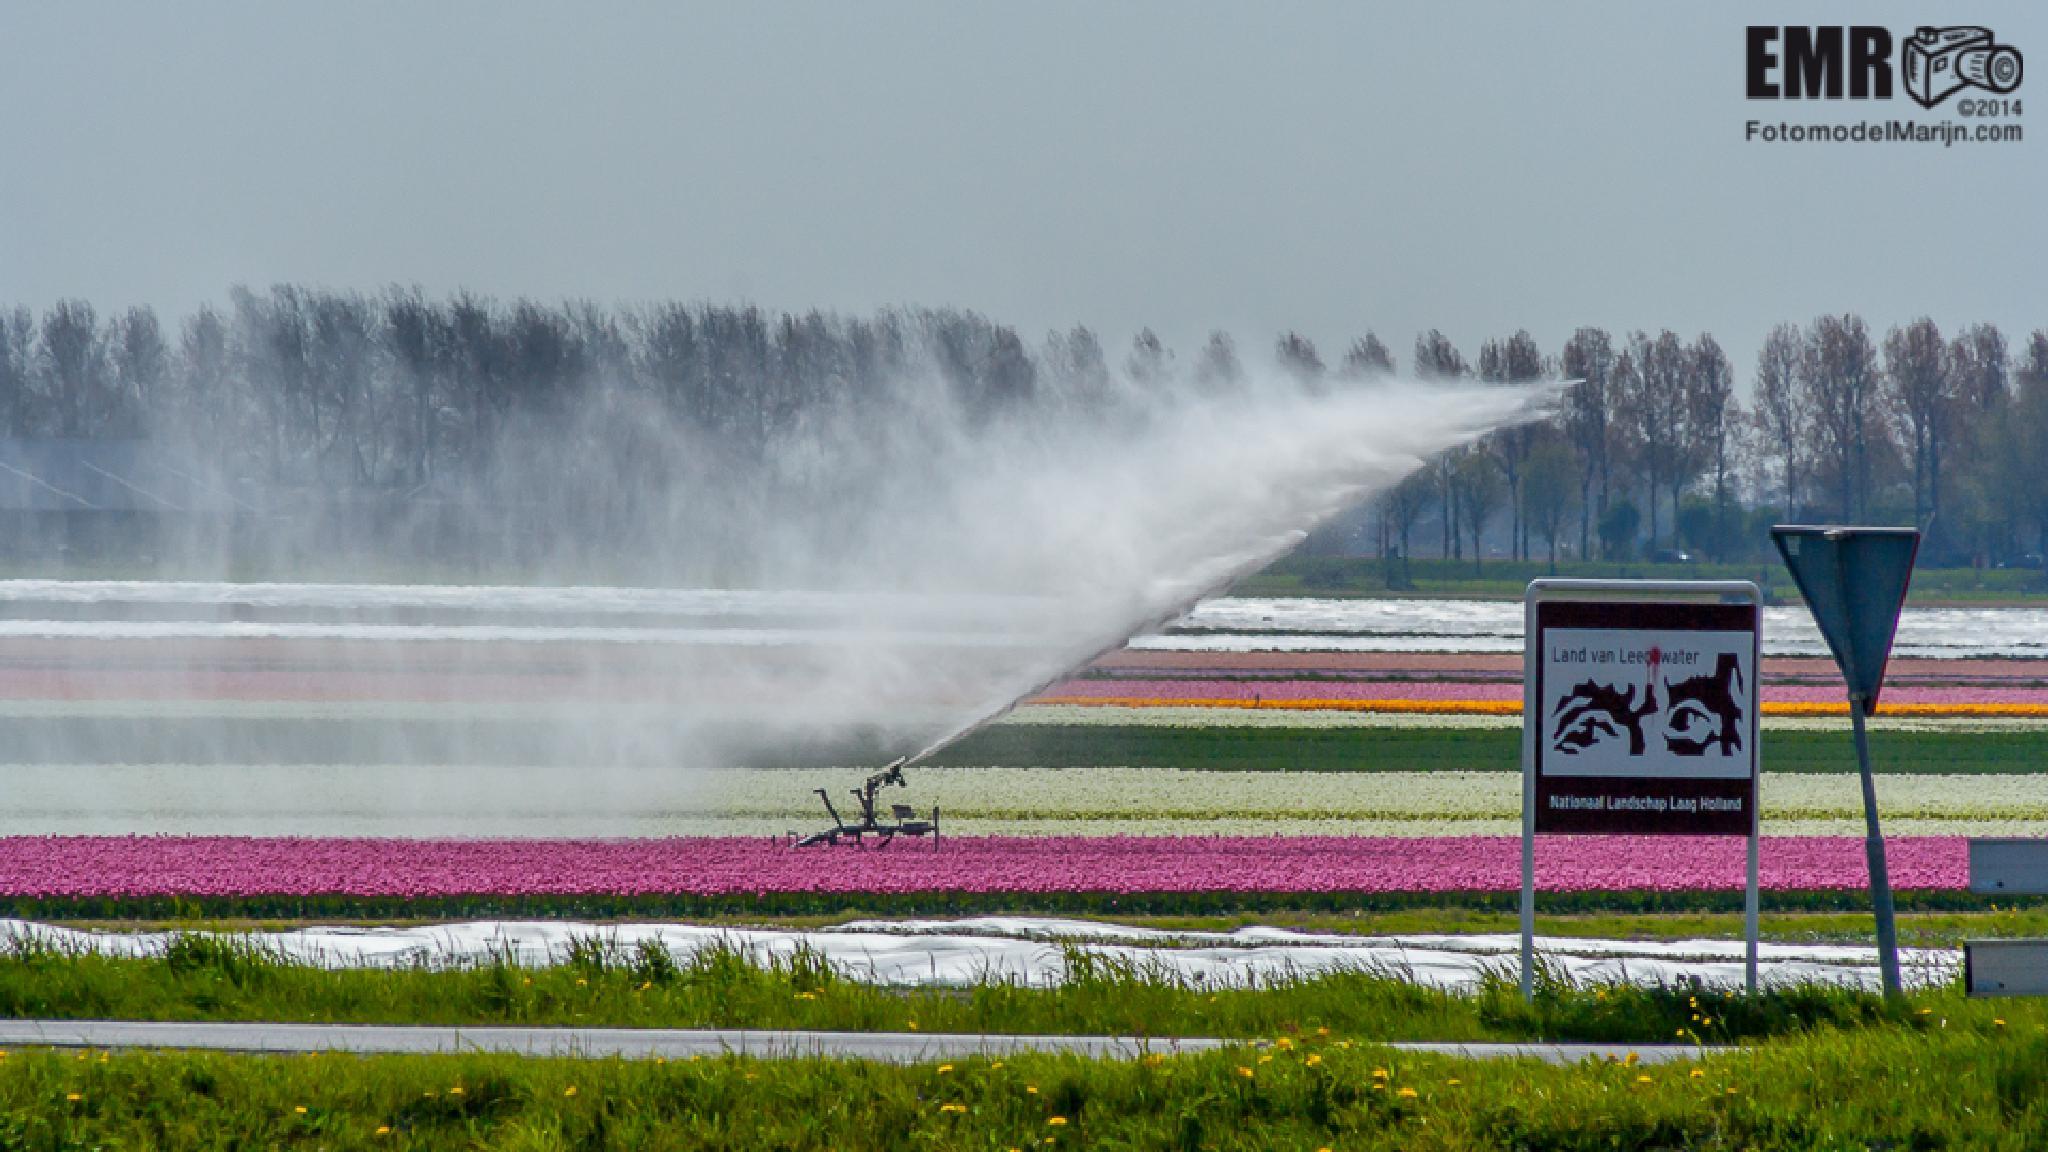 Nederland  by EMR Photography & Fotomodel Marijn